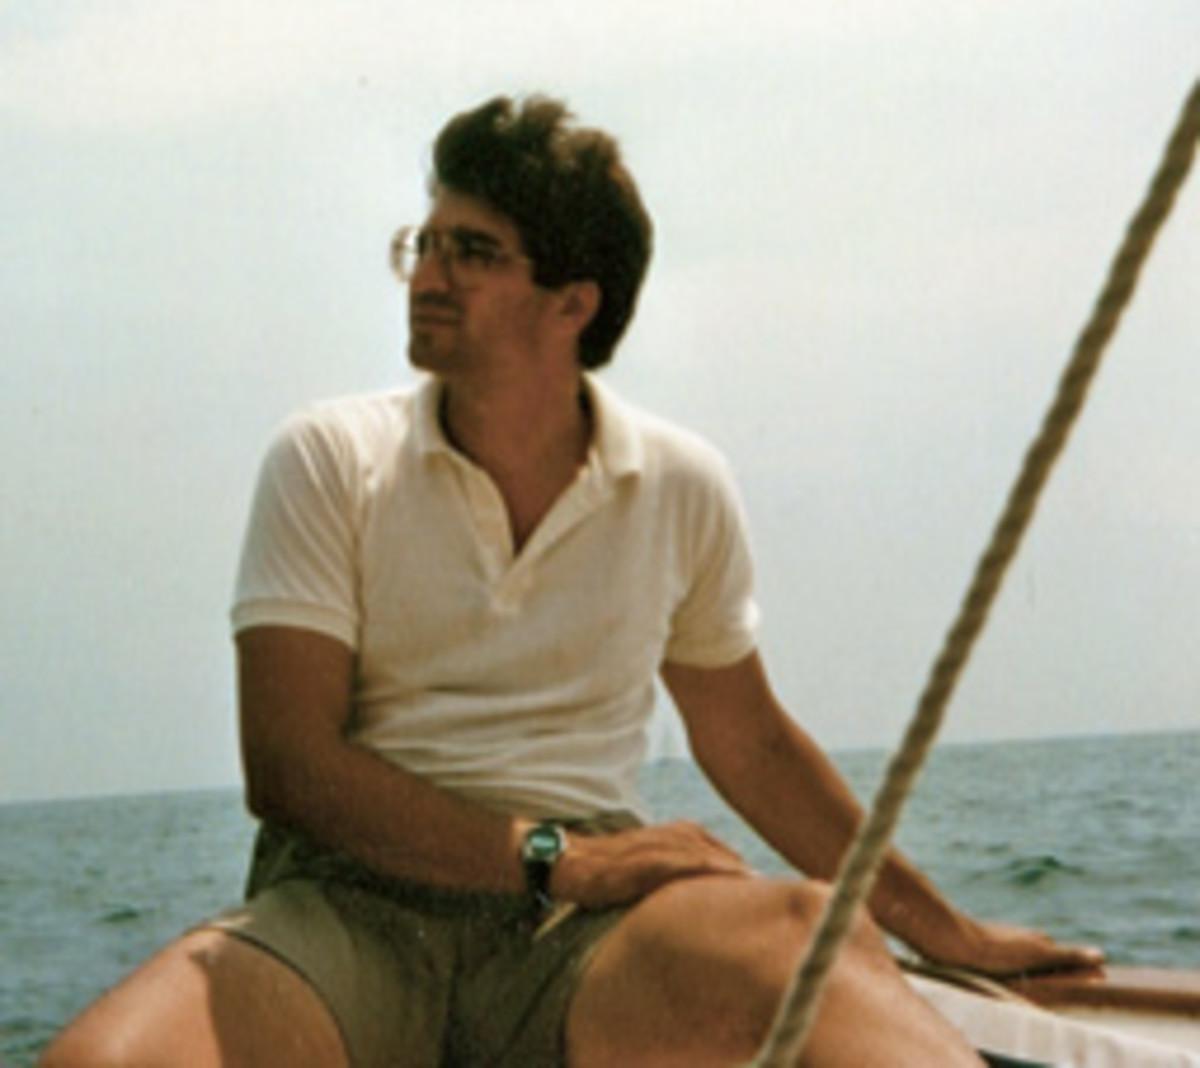 Vince Falcigno